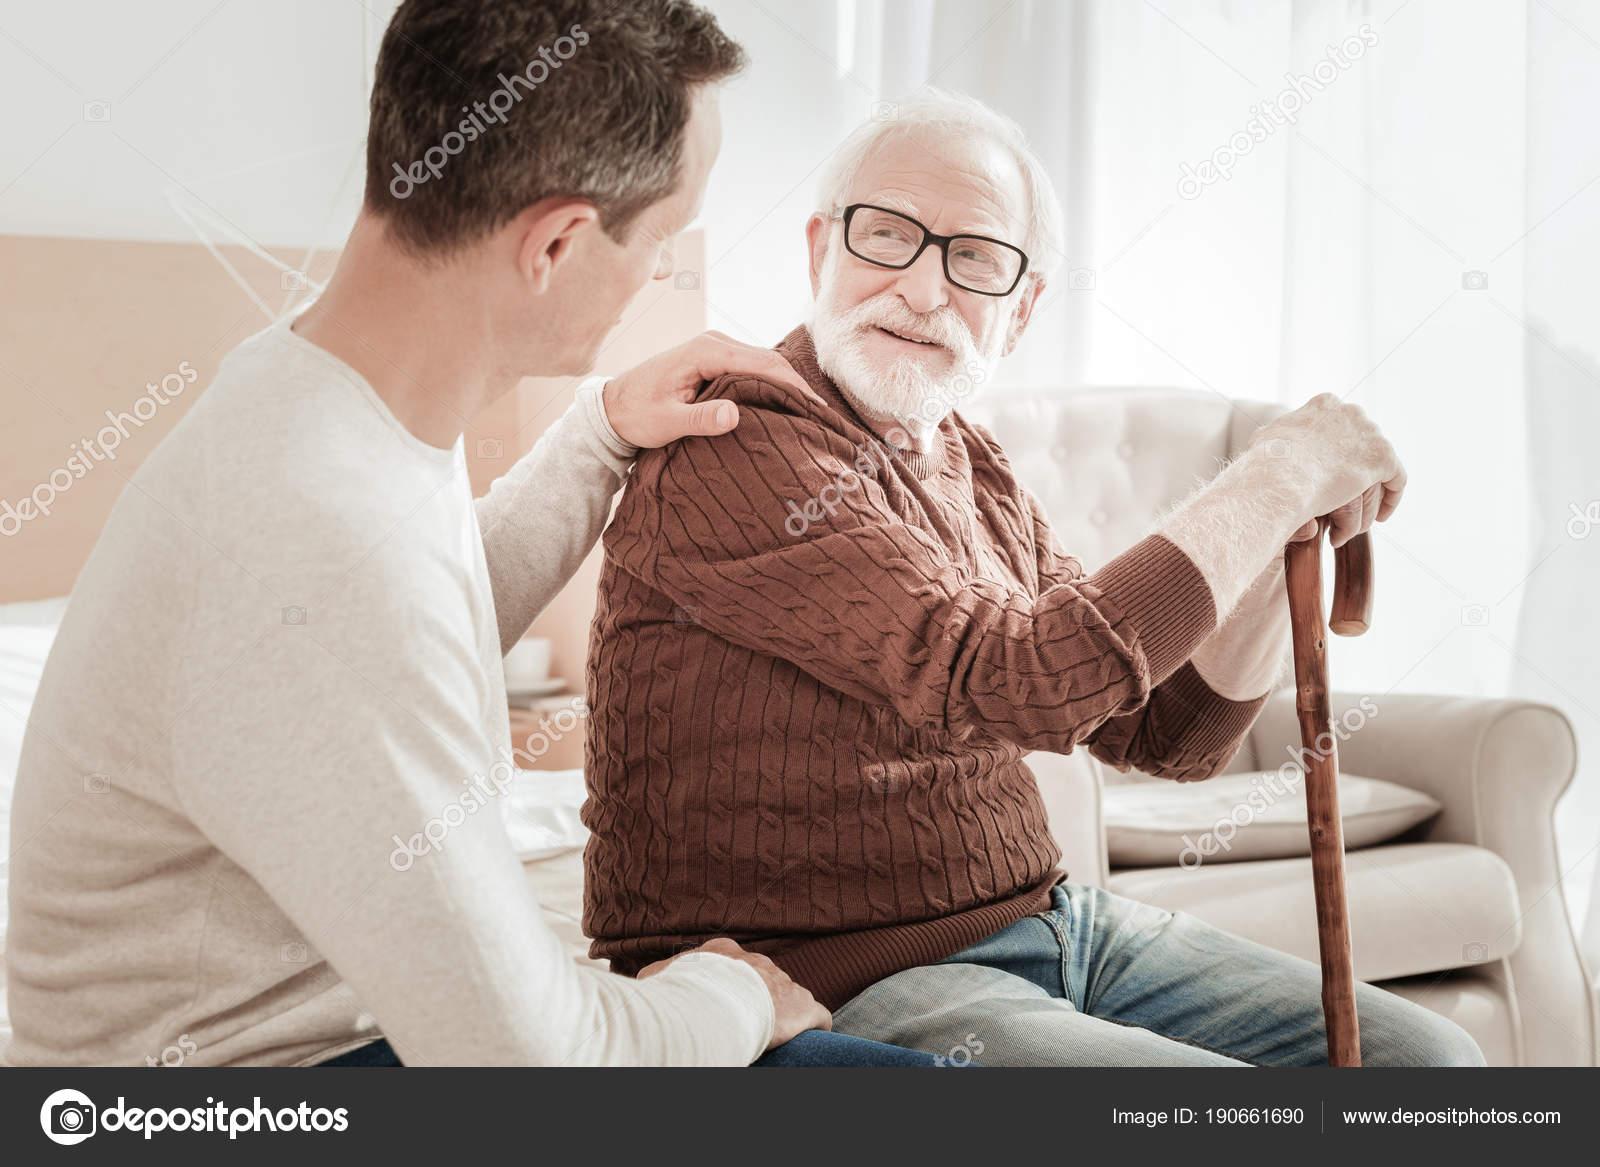 Dating padre amico il sogno che sta uscendo